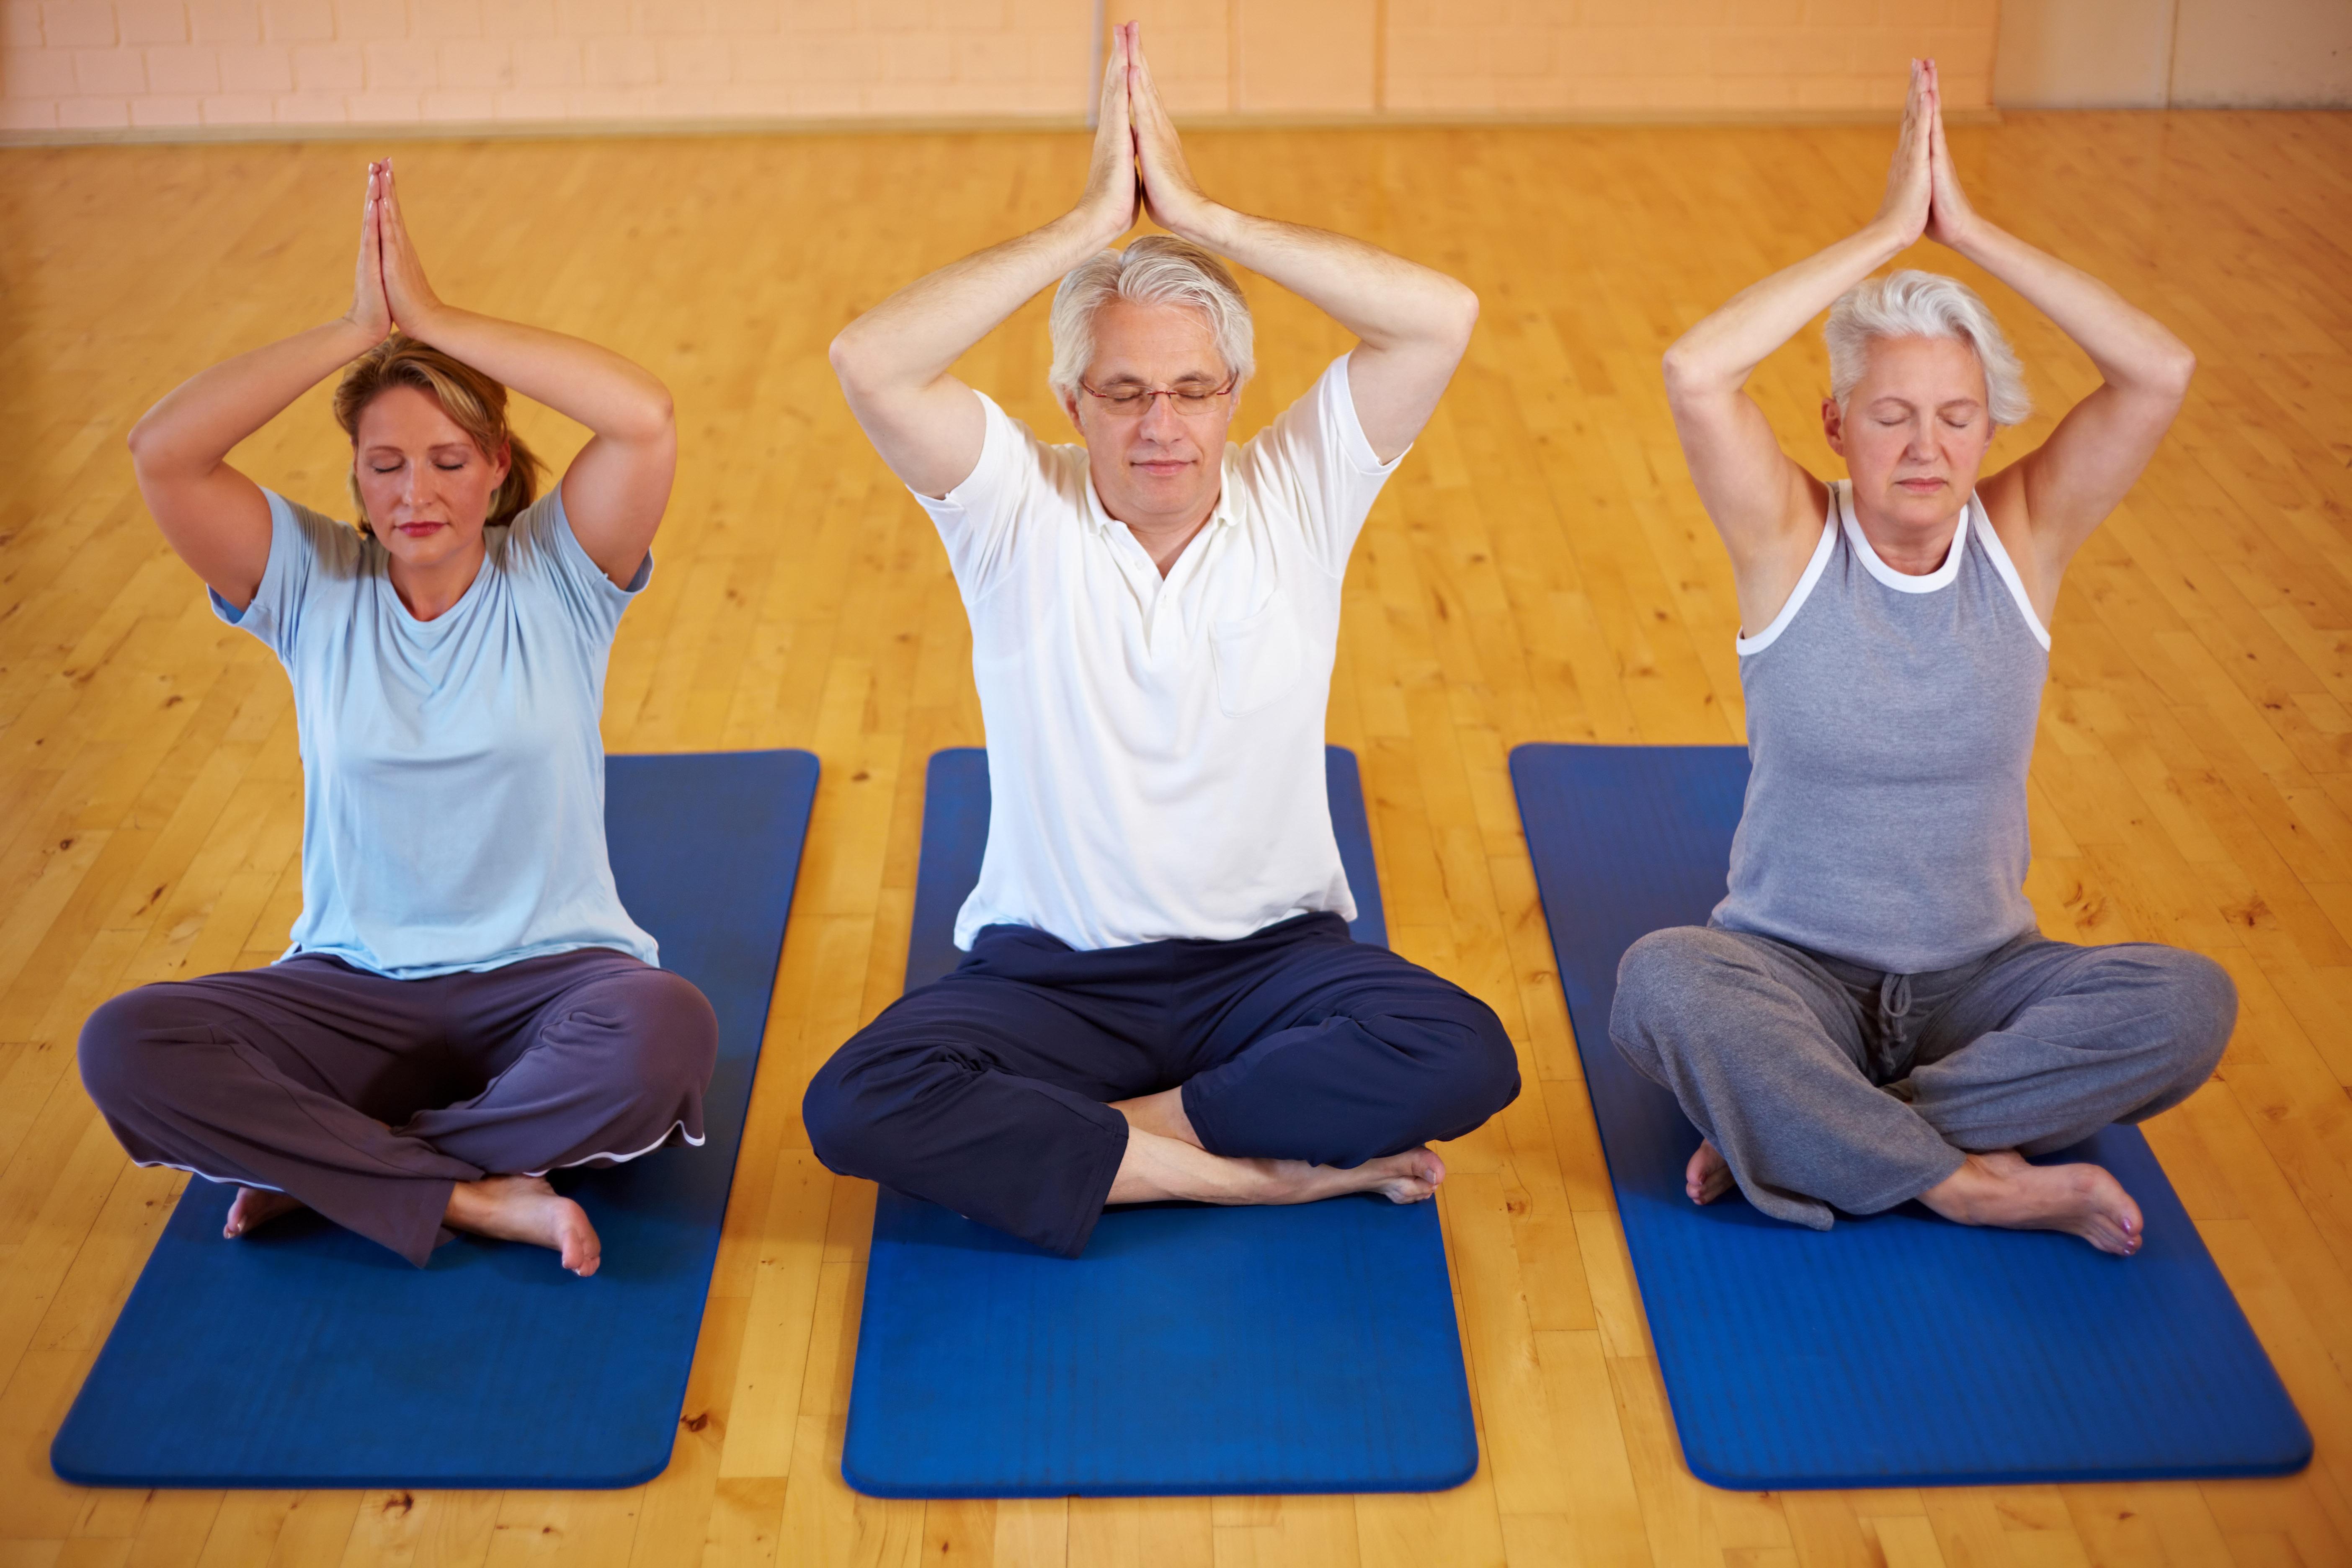 För de som drabbas av attackvisa förmaksflimmer kan det nu visa sig att yoga kan förbättra livskvaliteten enligt en ny svensk studie.